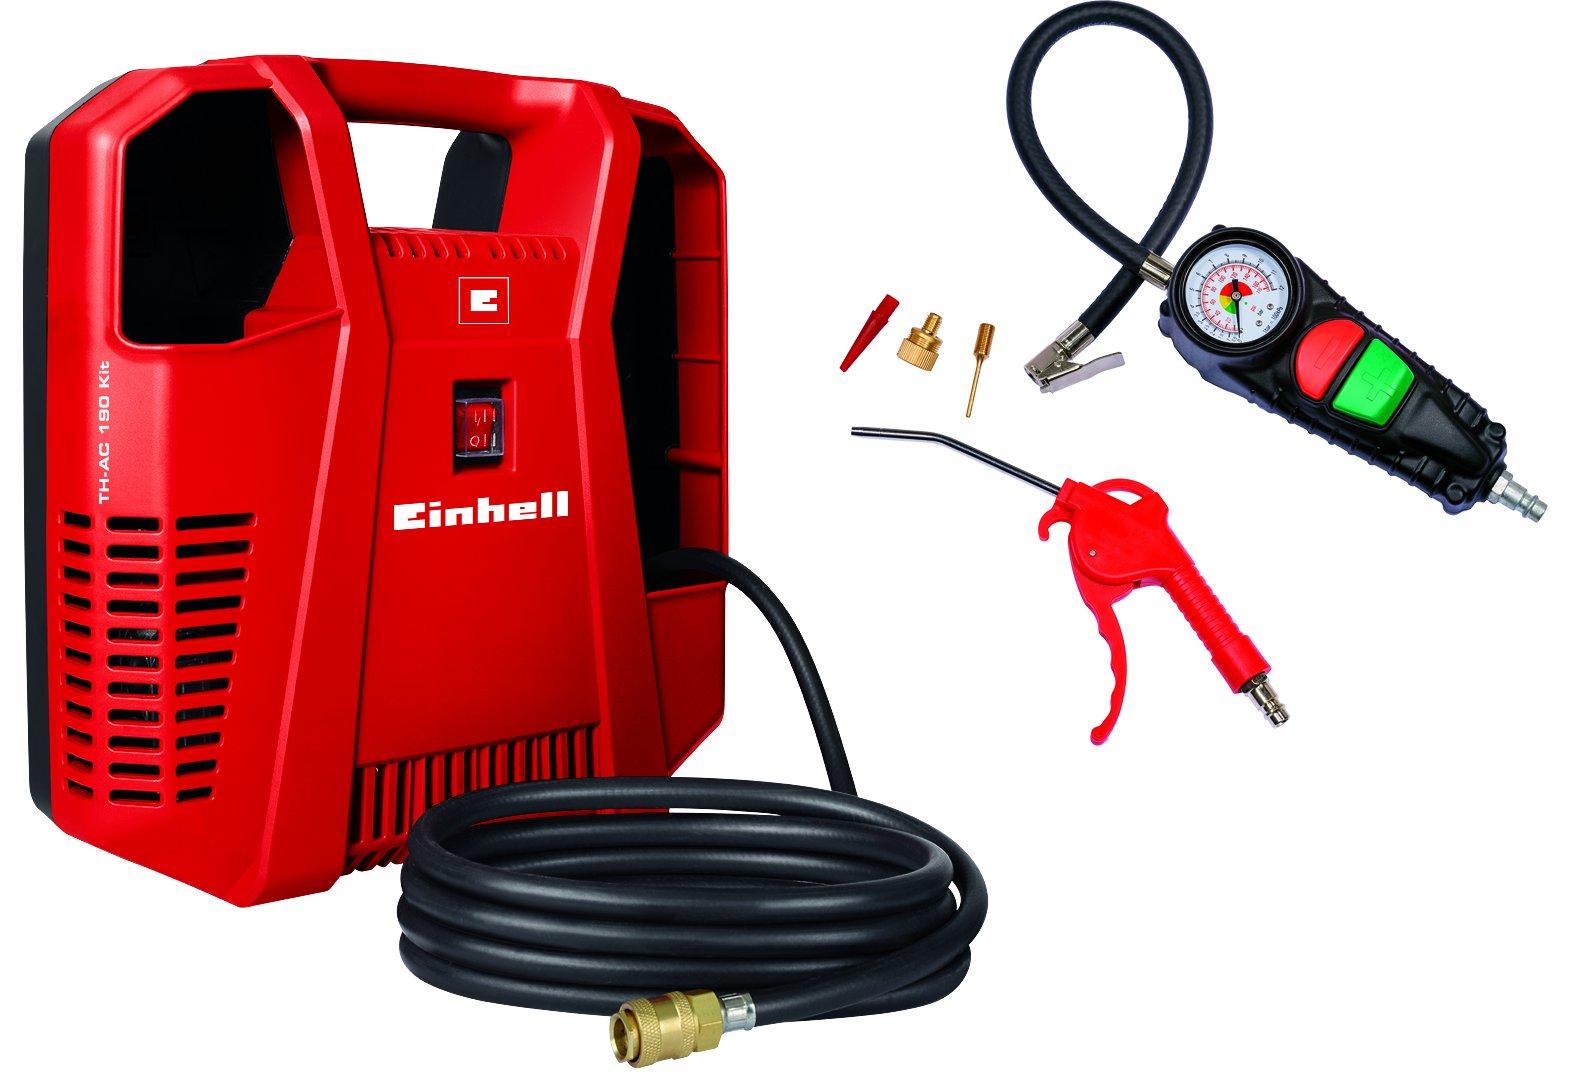 Einhell Kompressor TC-AC 190/8 Kit (1100 W, Ansaugleistung 190 L/min, 8 bar, 97 dB, ölfrei, inkl. Ausblaspistole & Reifenfüllmesser & Adapterset mit Reifenadapter, Ballnadel, Adapter für Luftmatratze)